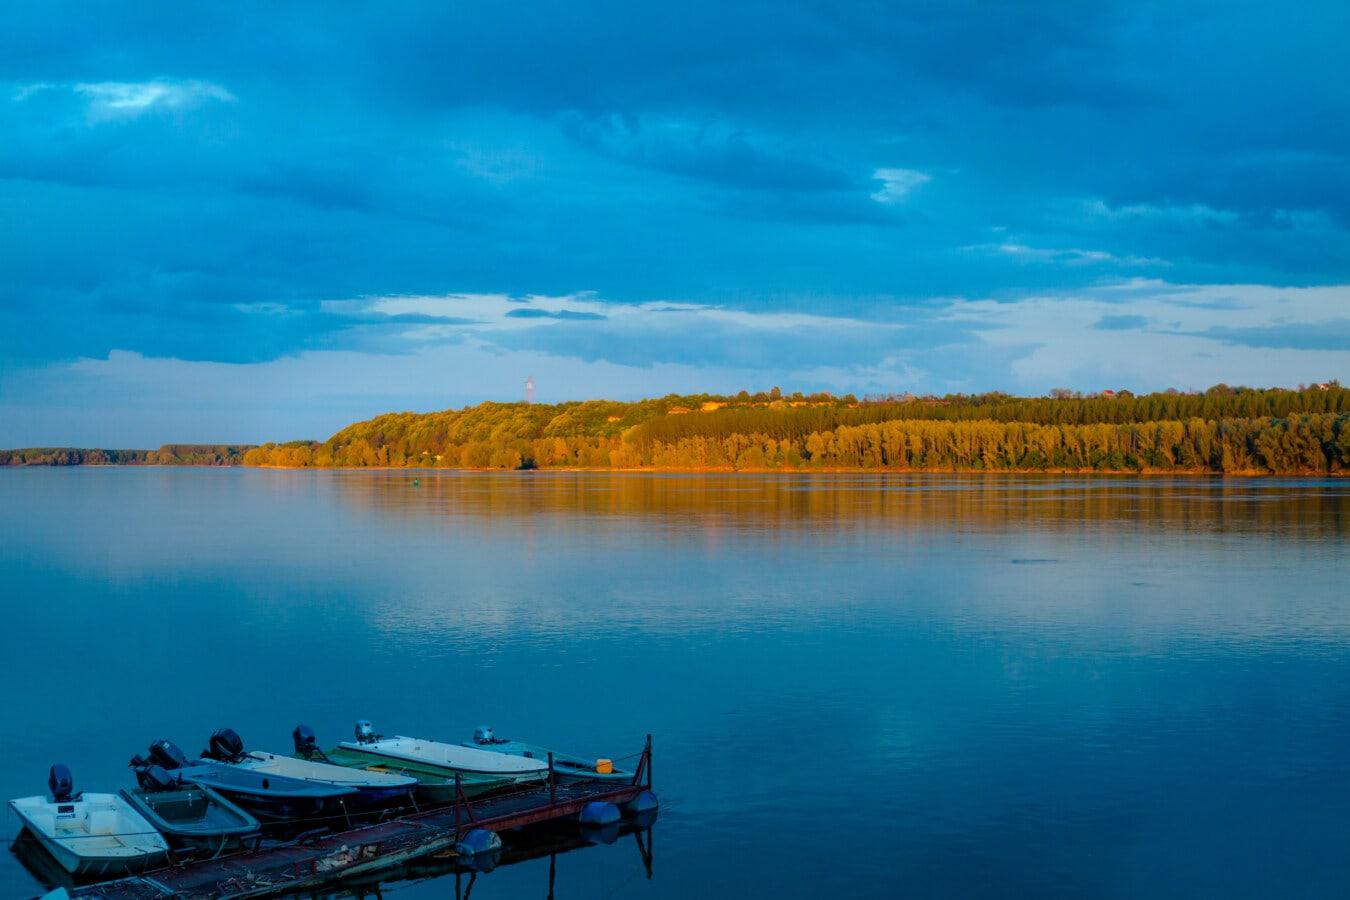 ruhig, am See, Horizont, majestätisch, Motorboot, Hafen, Angelboot/Fischerboot, Wasser, Sonnenuntergang, Strand